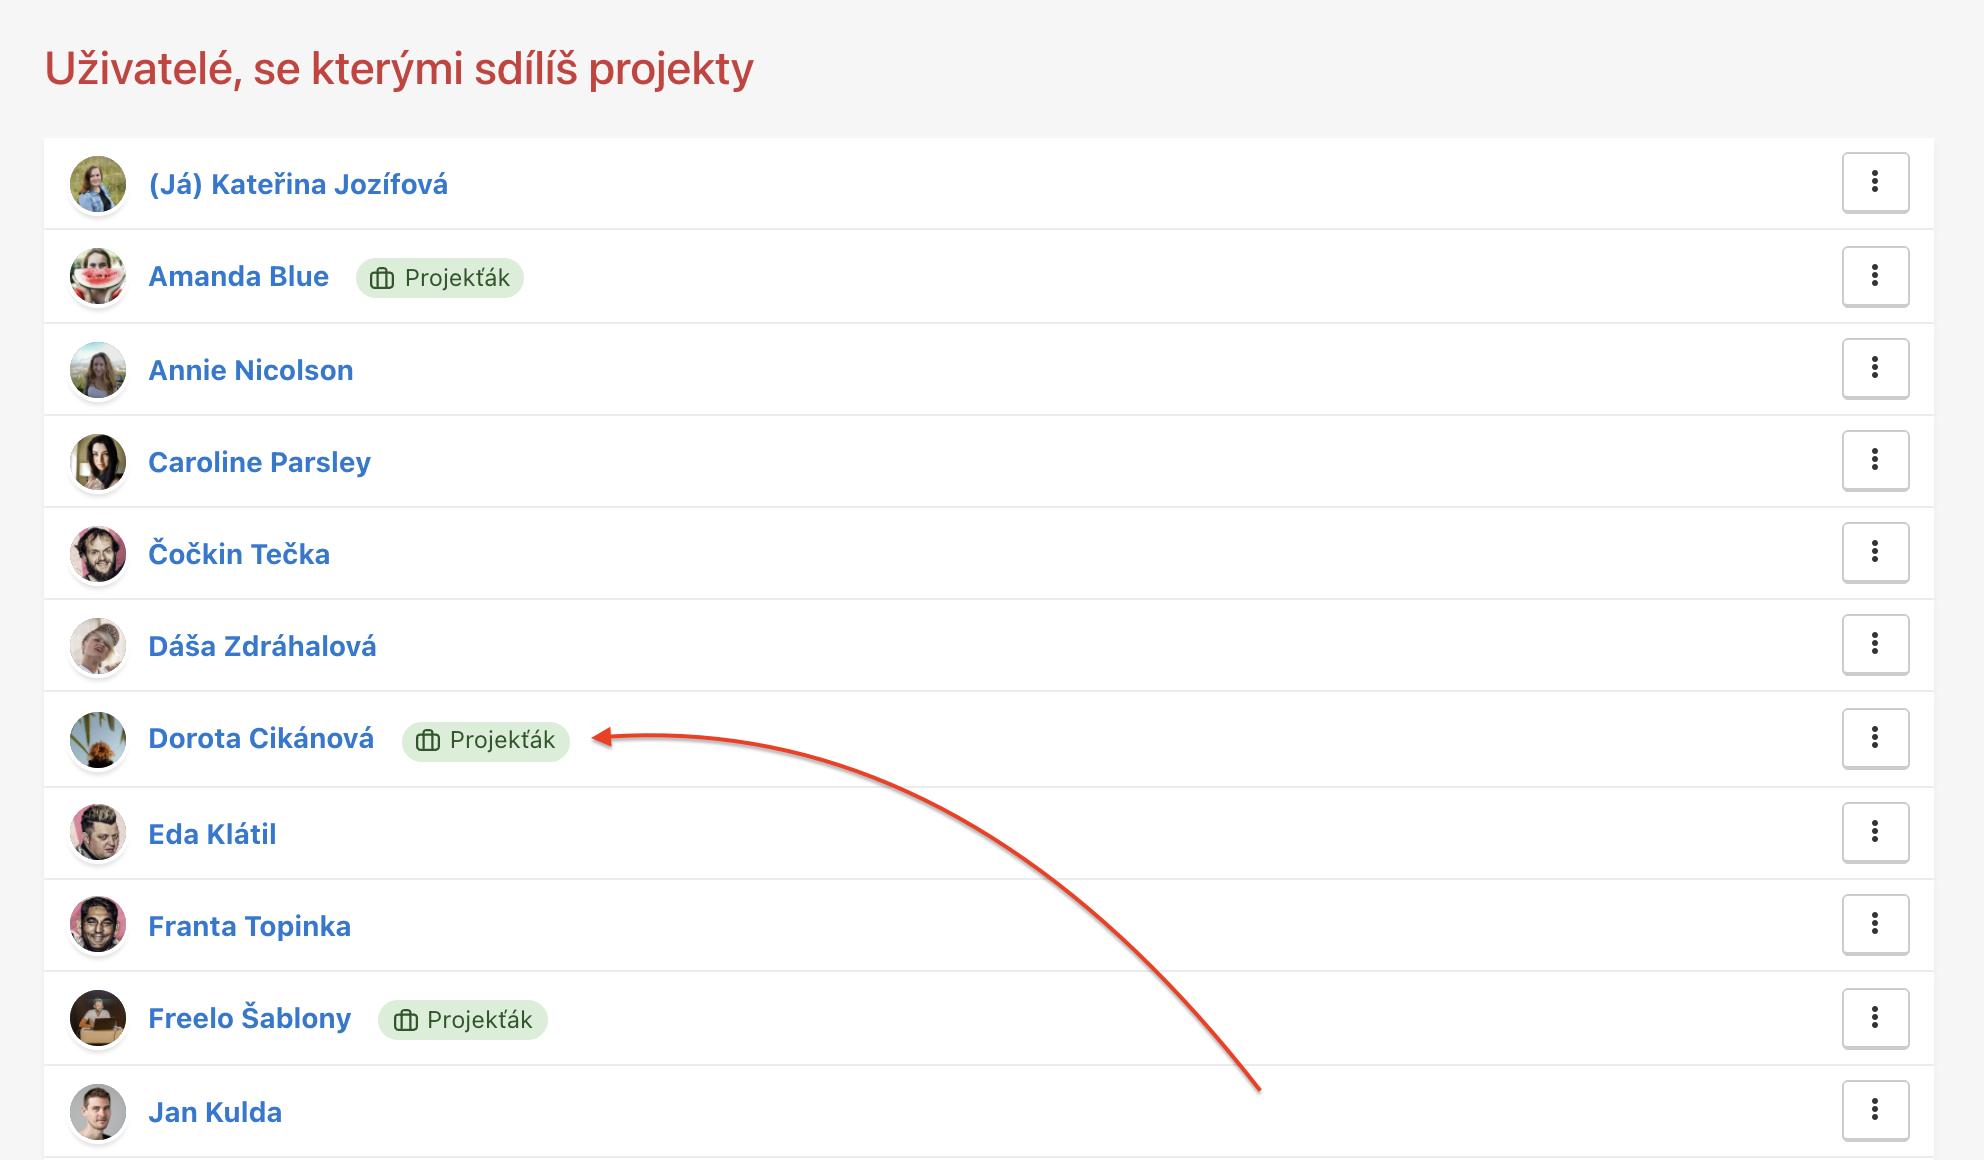 Přehled uživatelů, se kterými sdílíš projekty. Někteří z nich mají nastavenou roli Projekťáka.